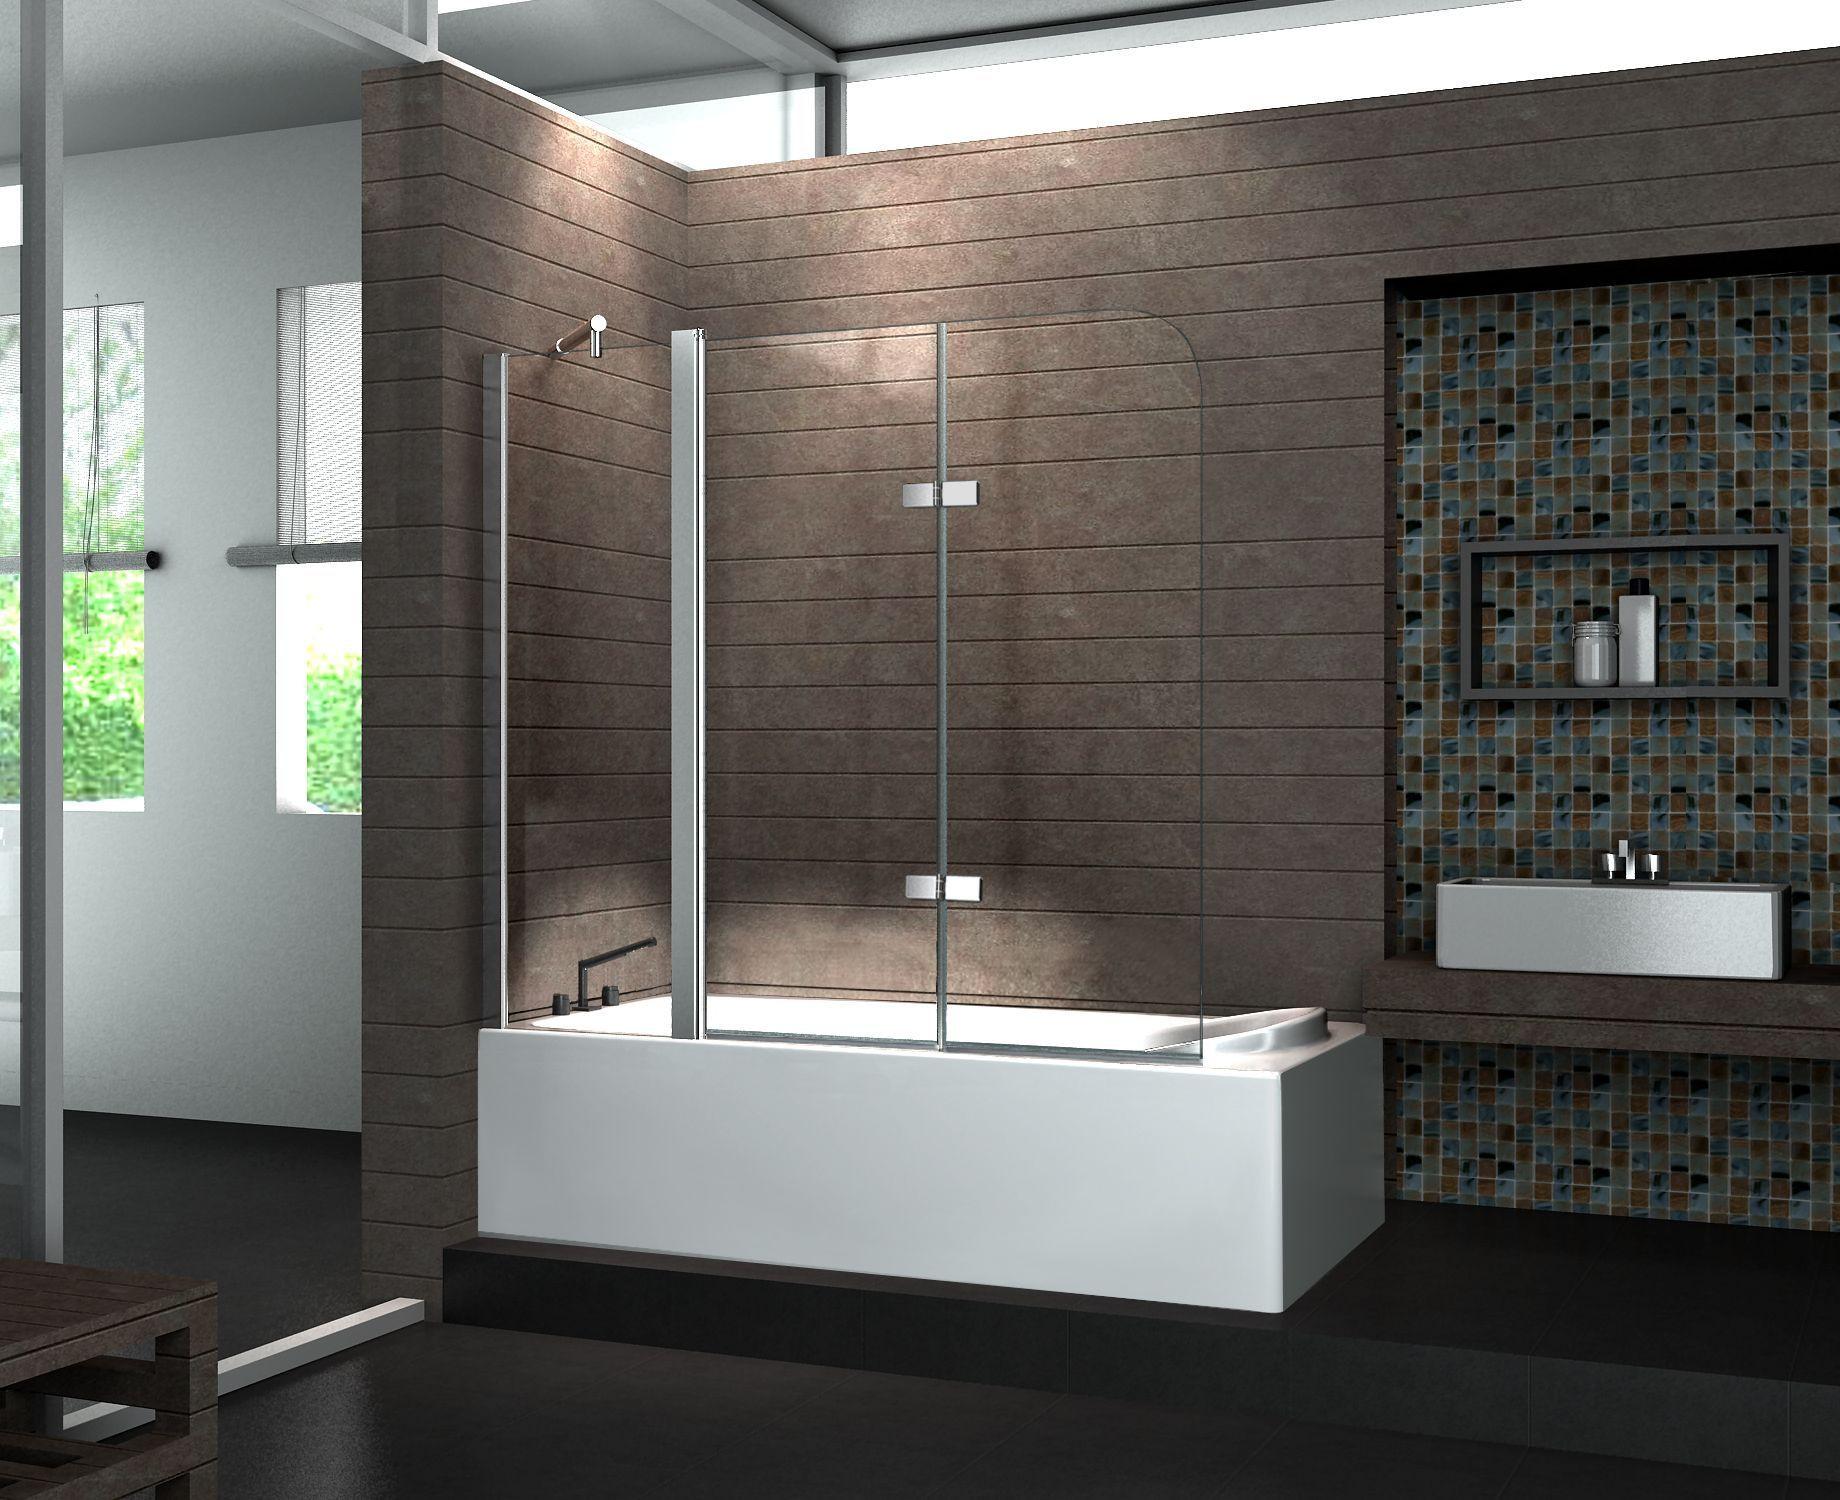 Duschabtrennung Badewanne  PREISVERGLEICH EU badewanne mit duschabtrennung